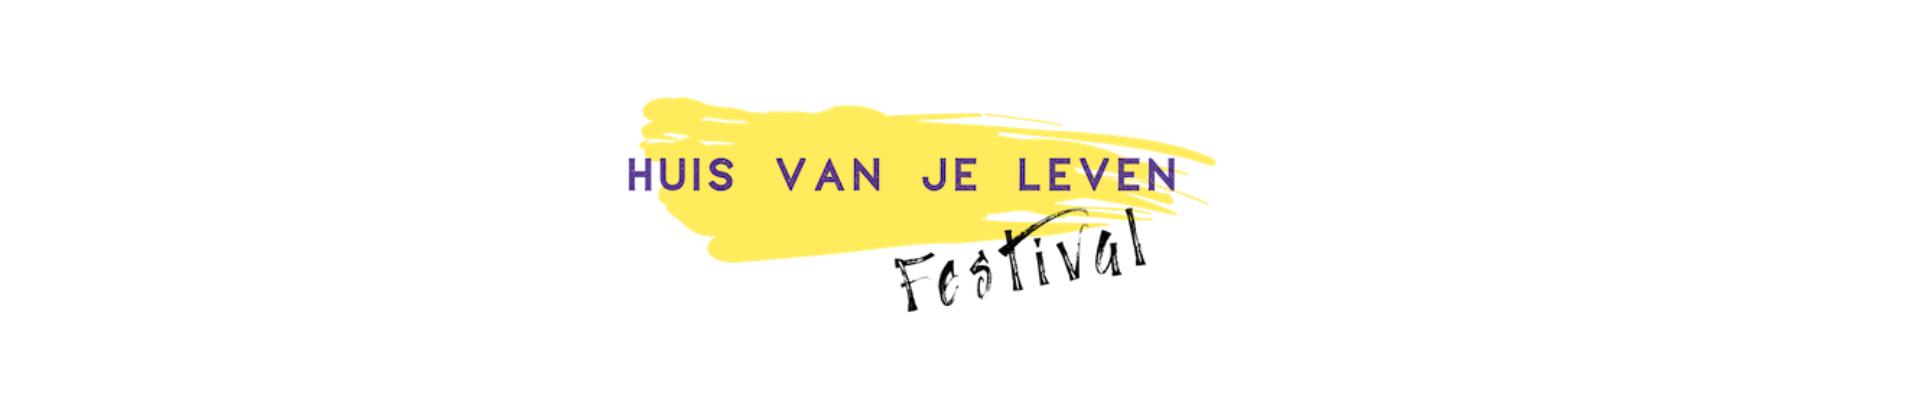 Huis van je Leven Festival